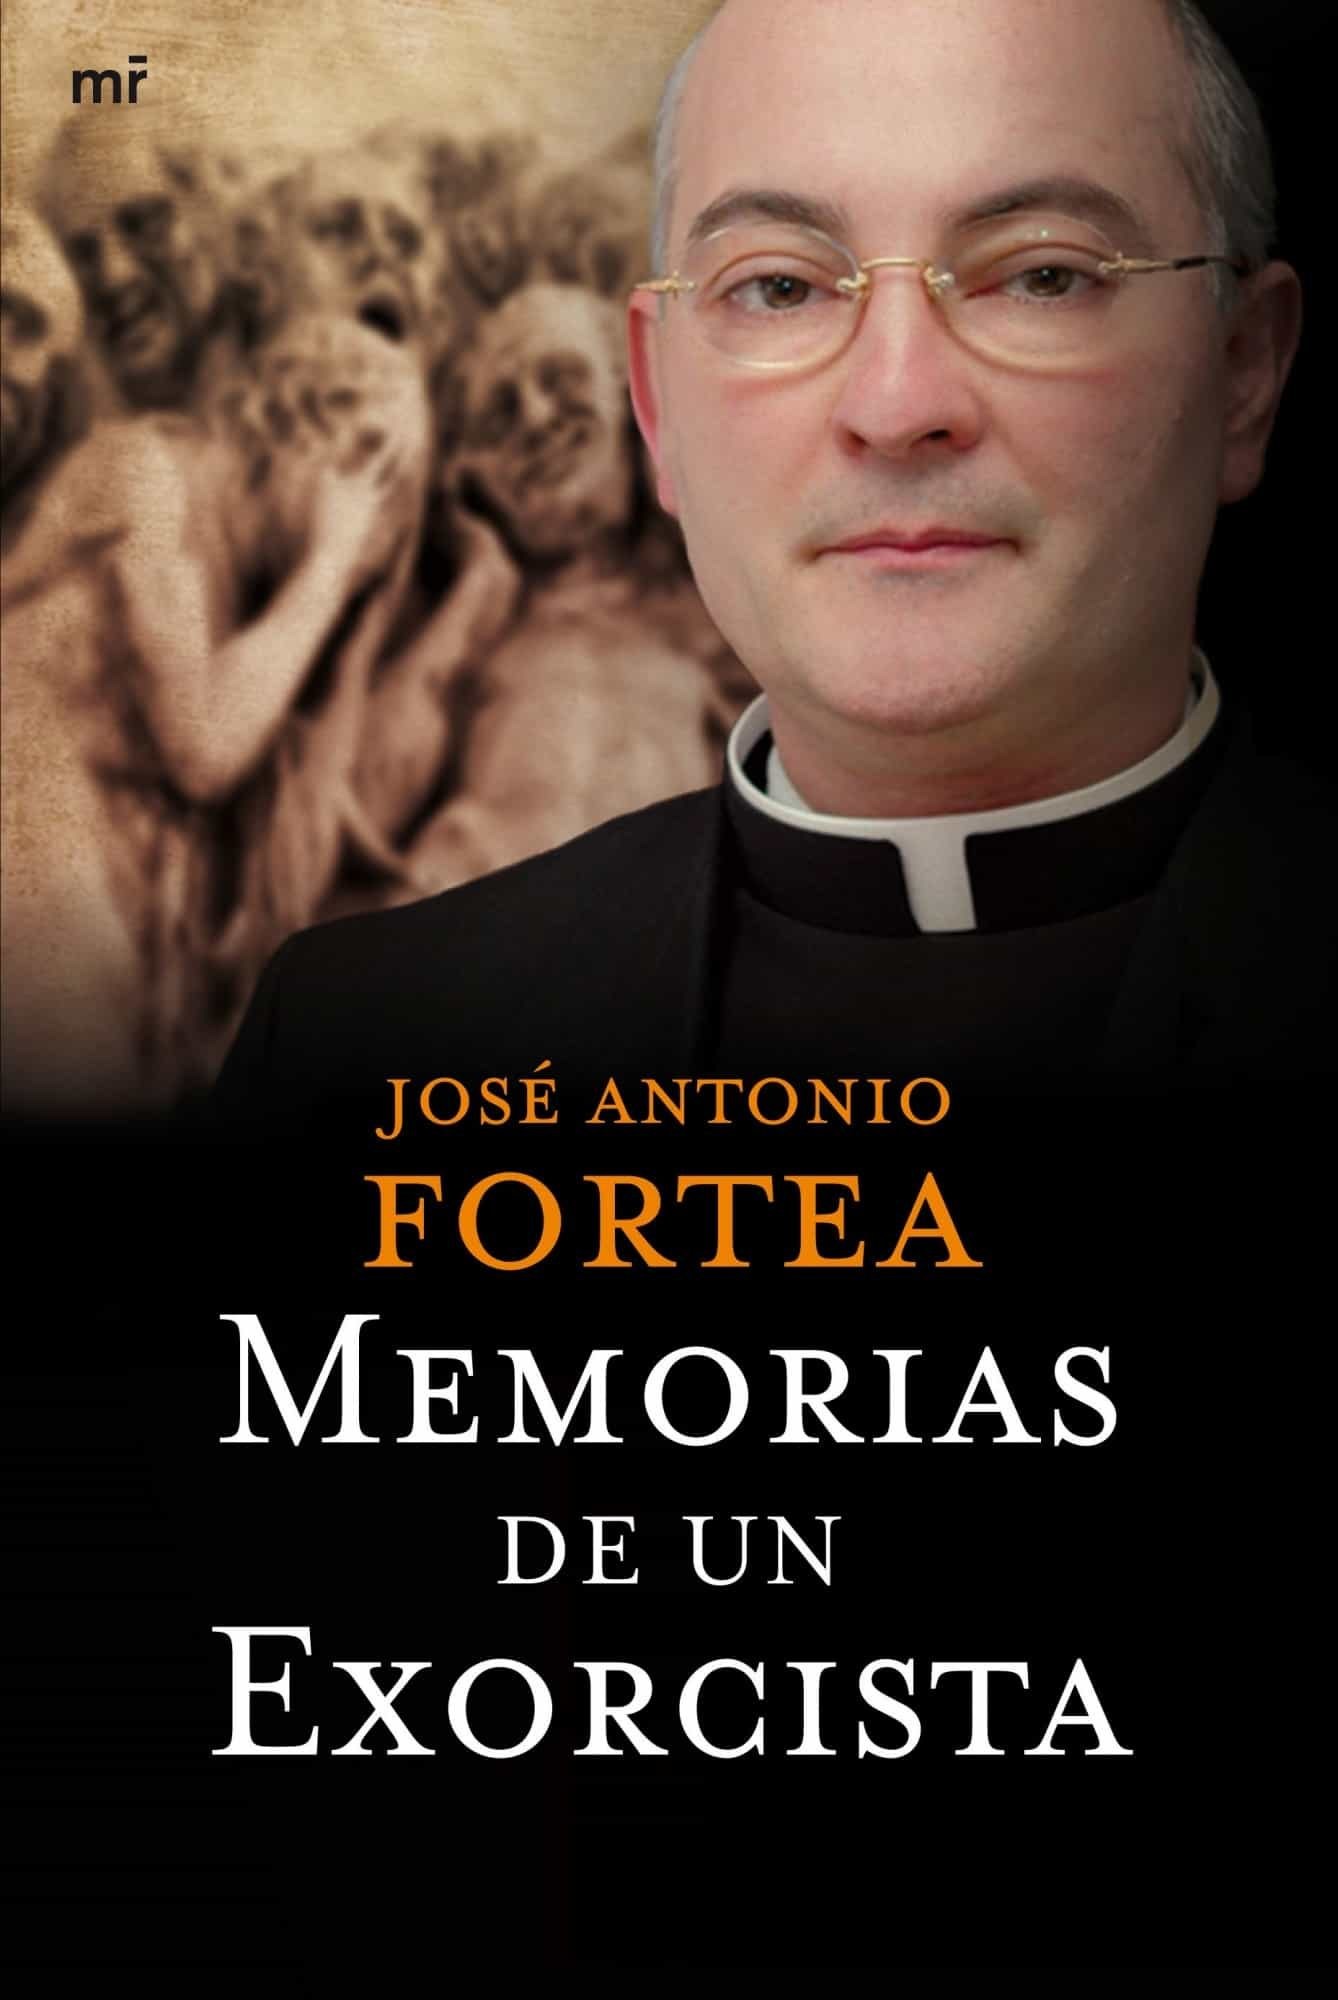 Memorias De Un Exorcista - Fortea Jose Antonio